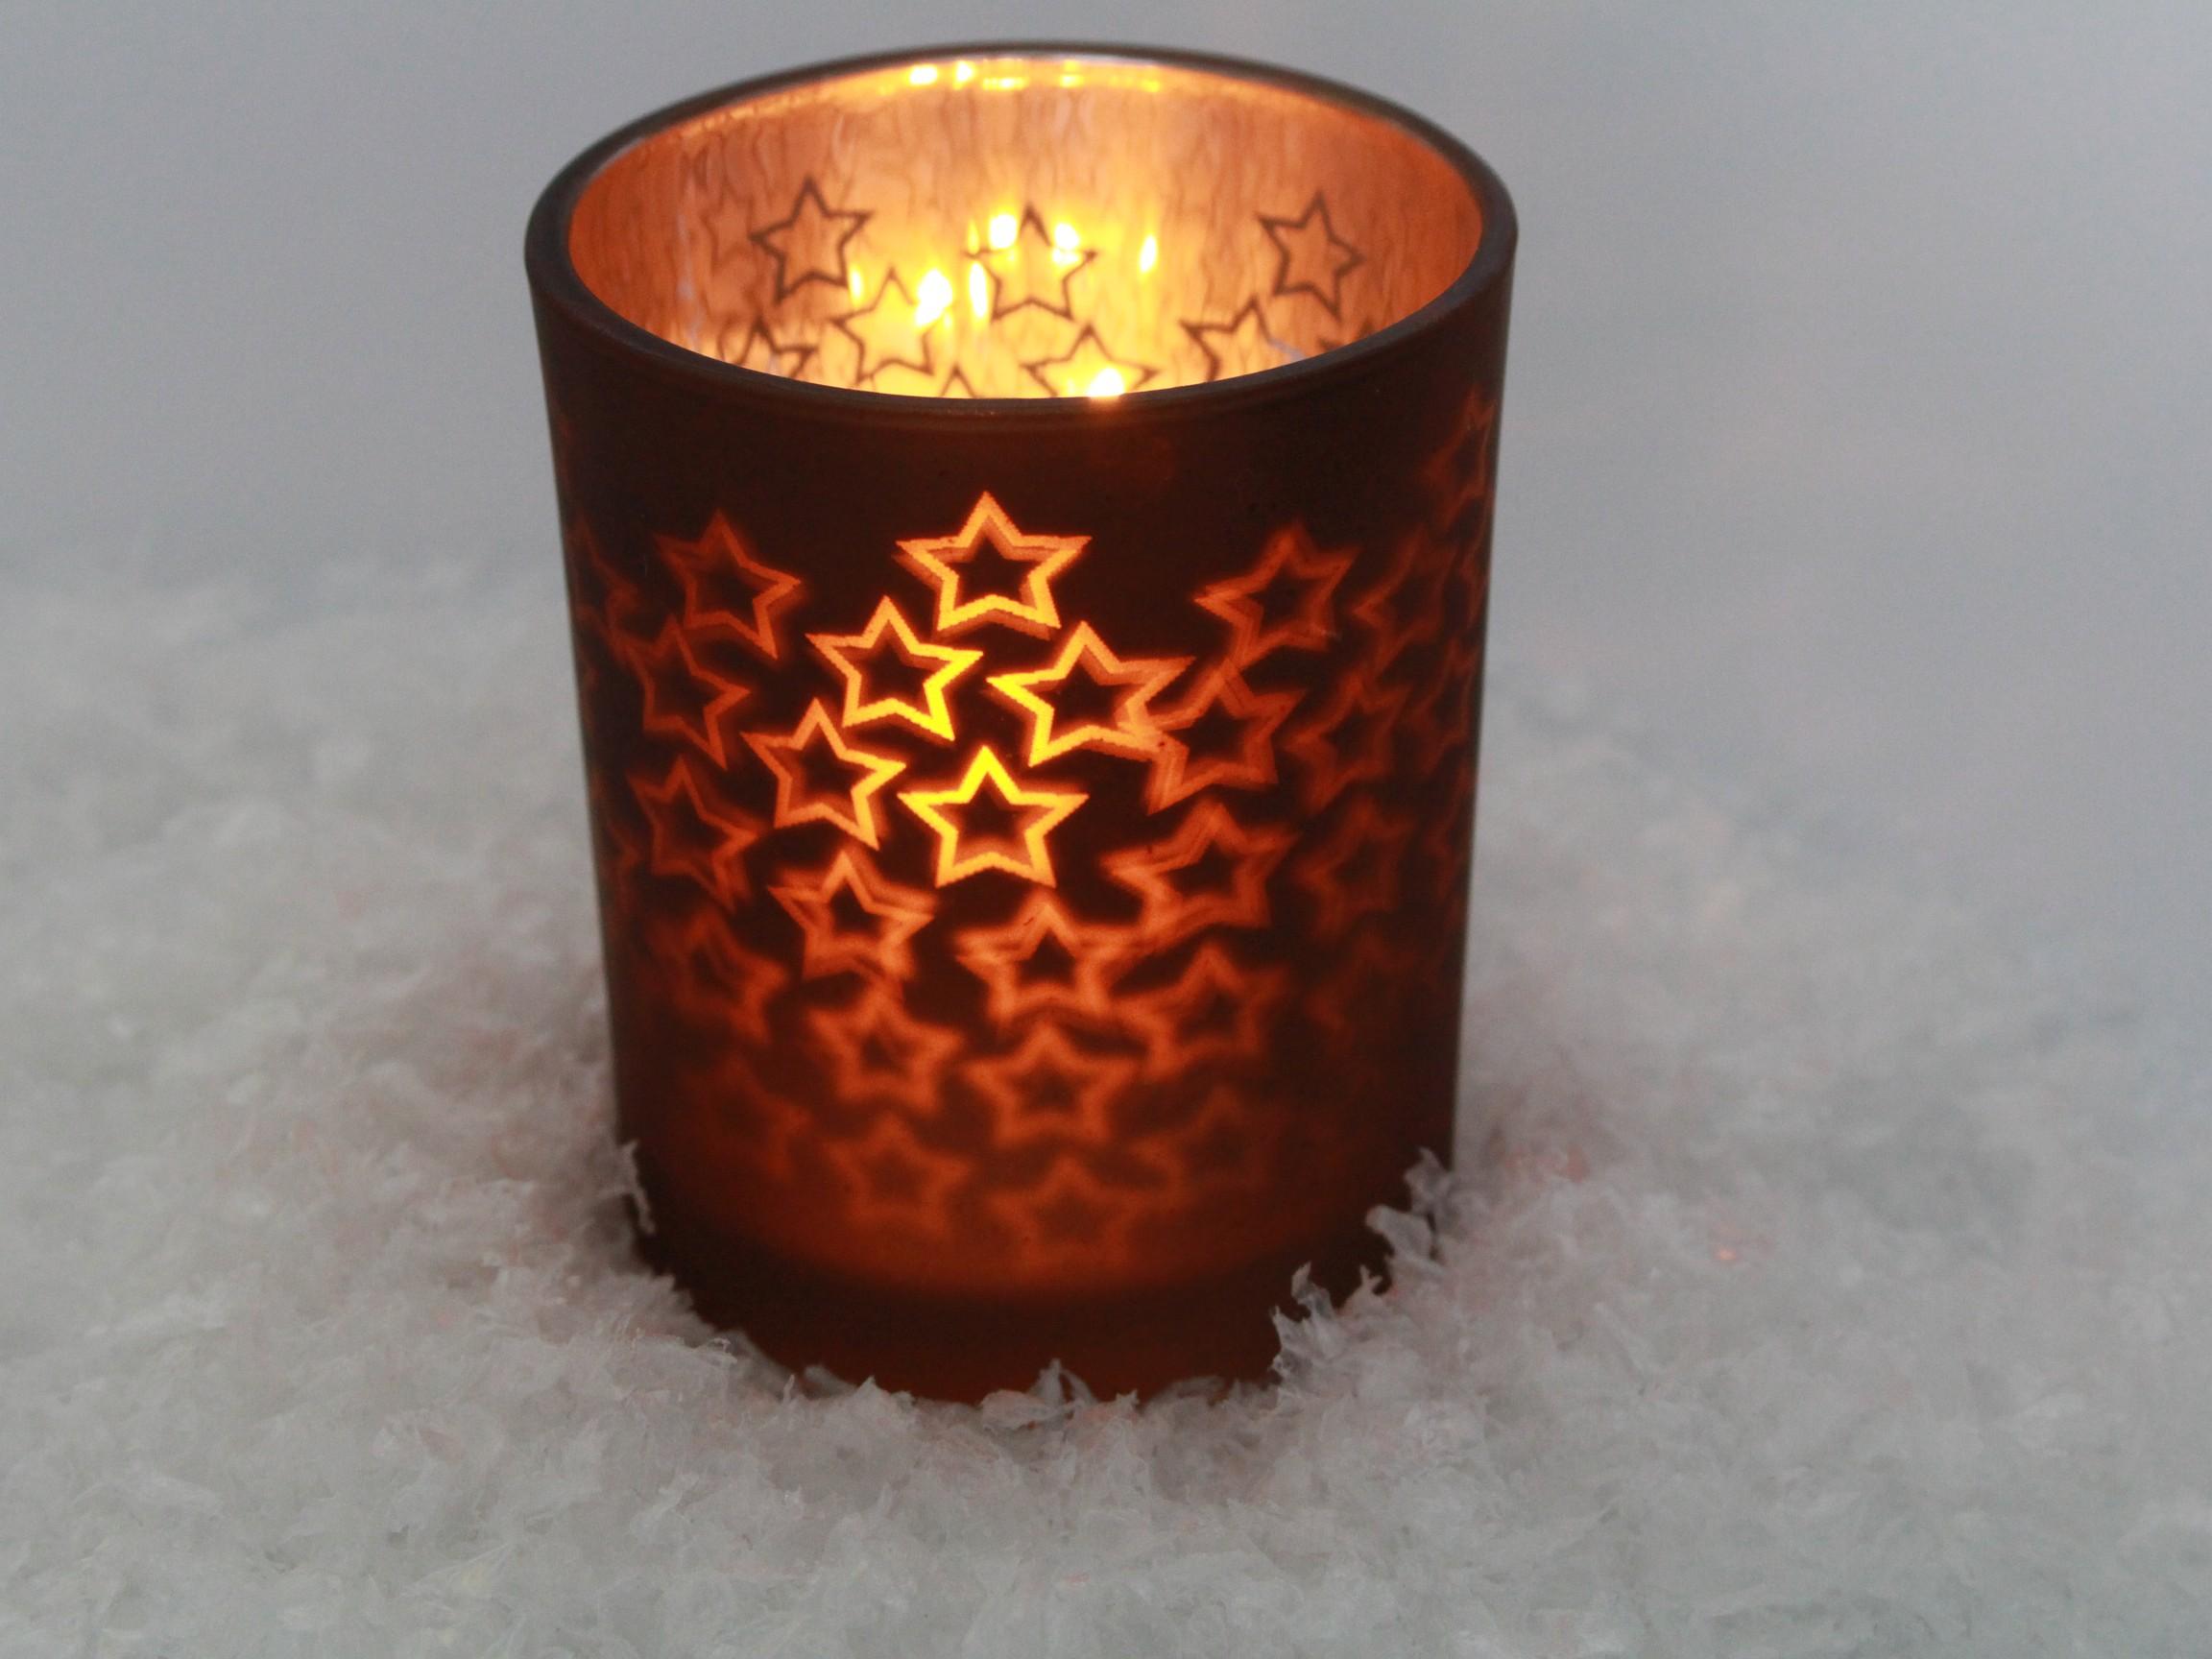 Windlicht Braun Bronze Mit Sternen Zur Weihnachtsdeko